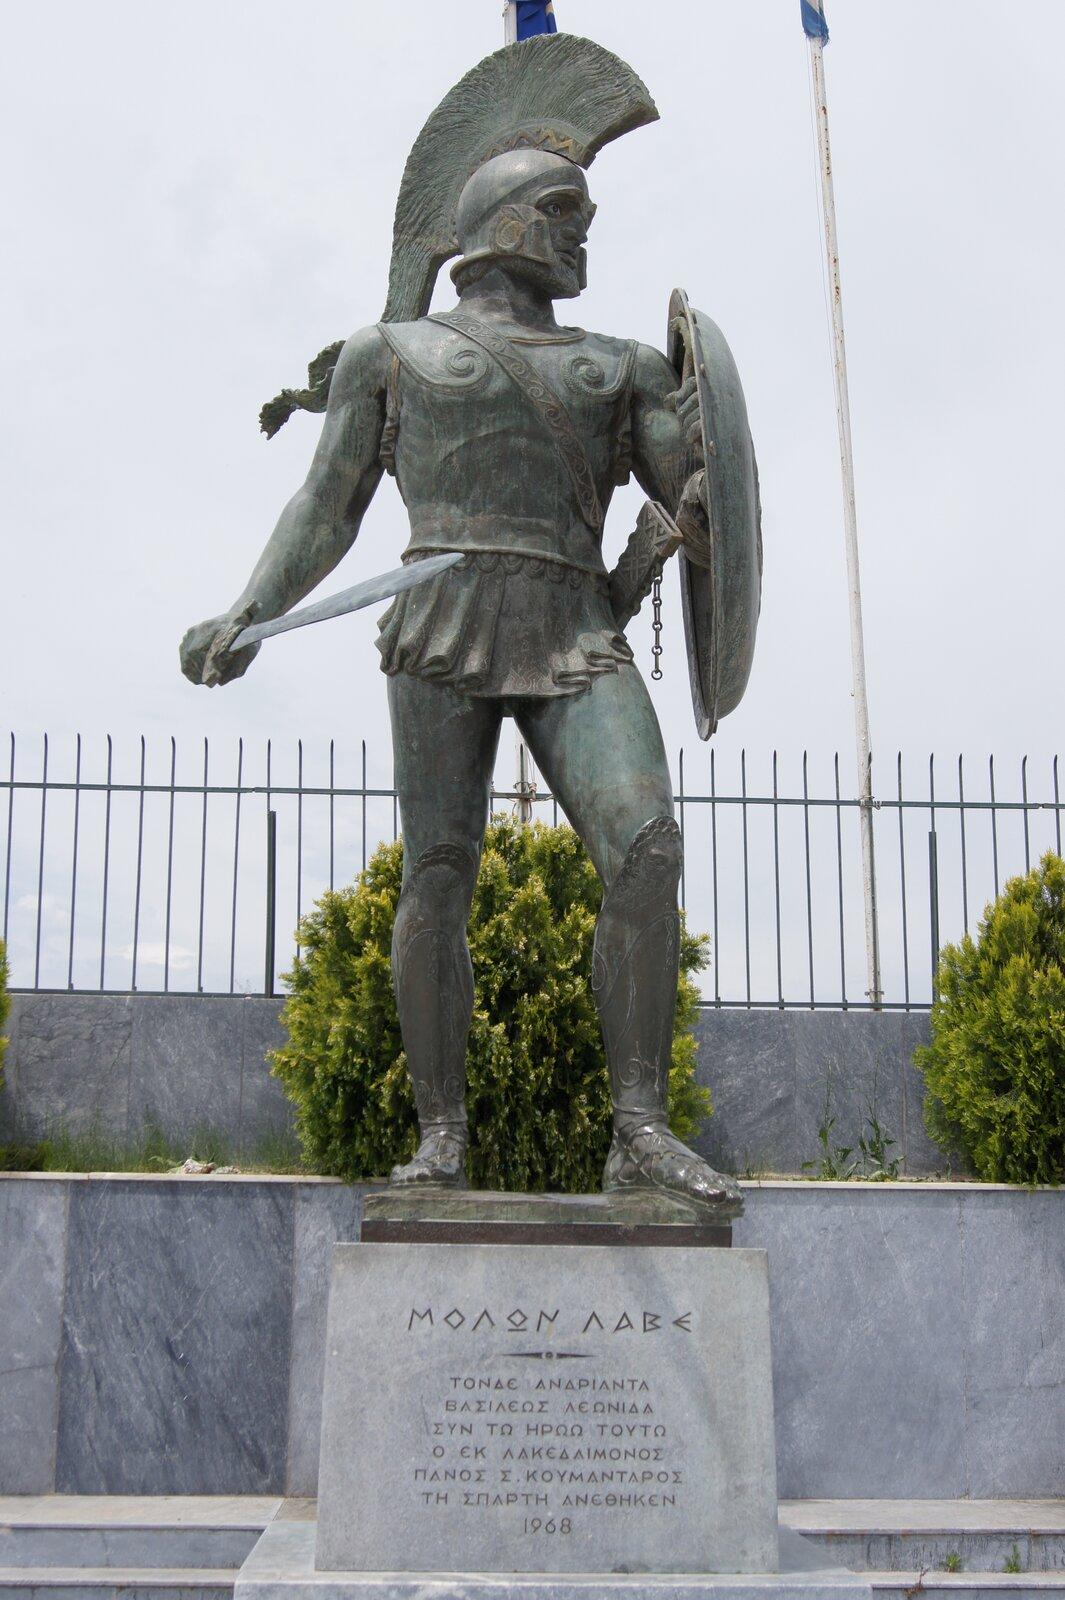 Statua Leonidasa IwSparcie Źródło: Praxinoa, Statua Leonidasa IwSparcie, licencja: CC BY-SA 3.0.